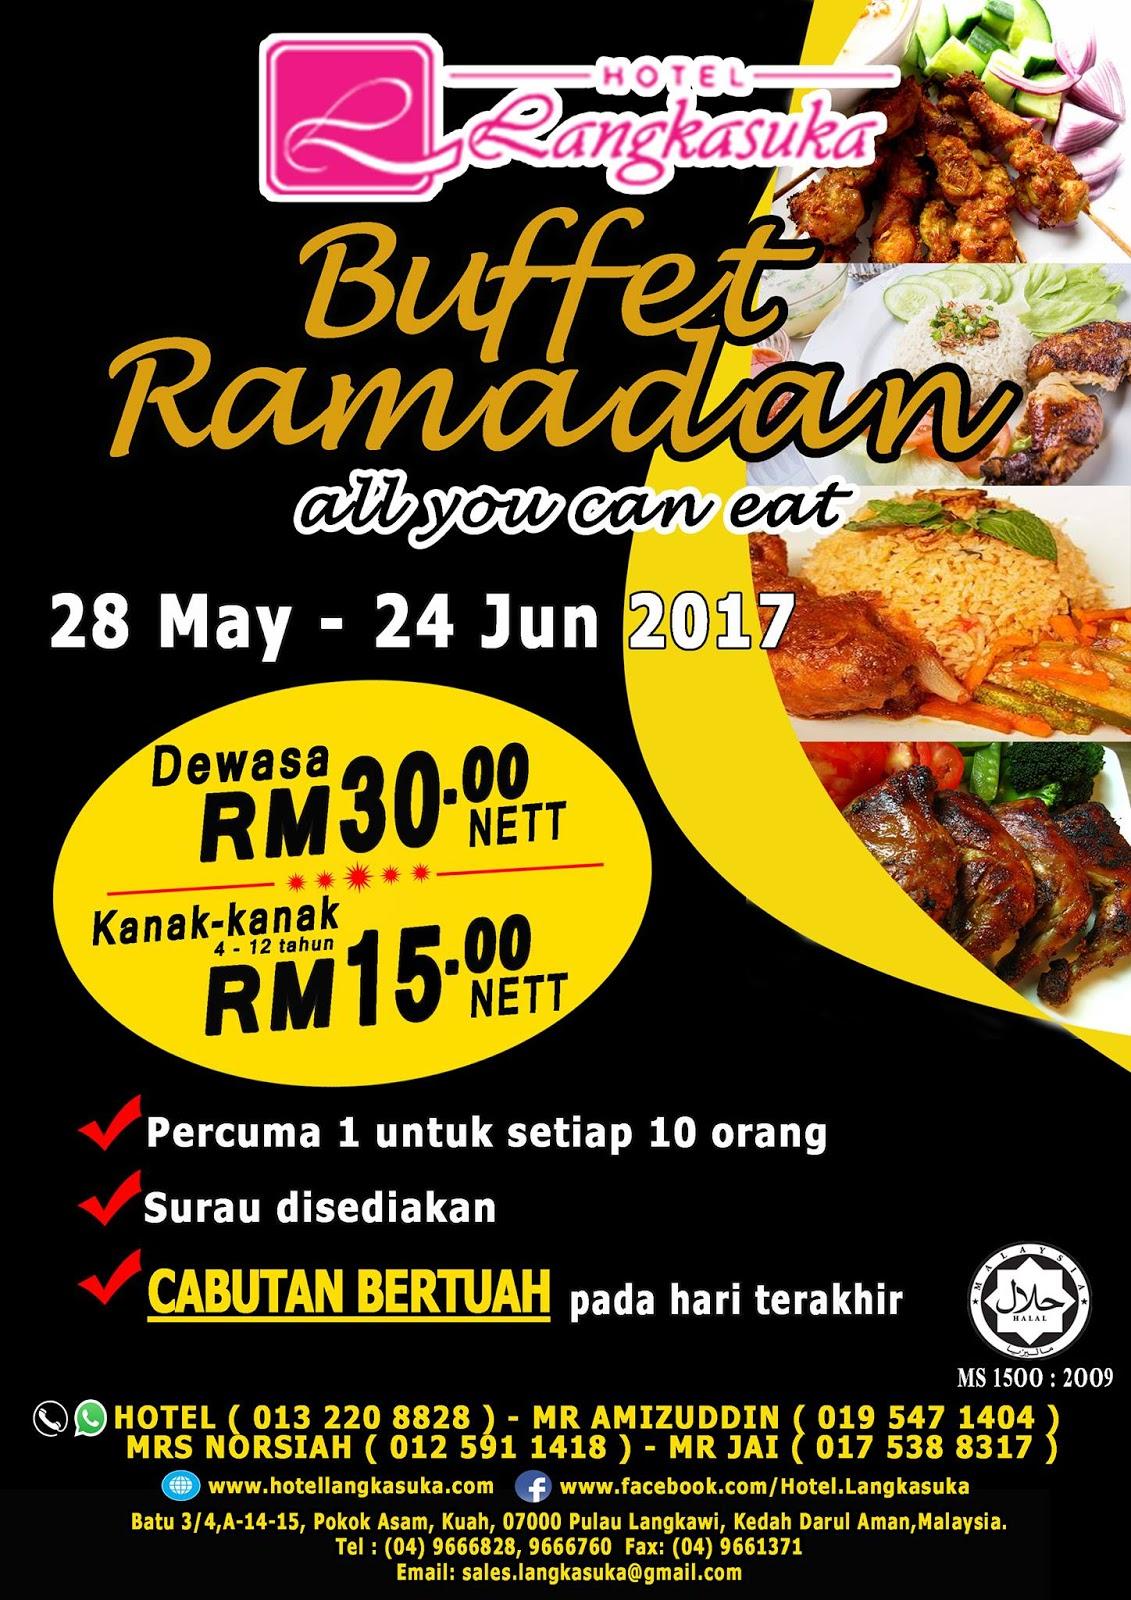 Buffet Ramadhan hotel langkasuka langkawi